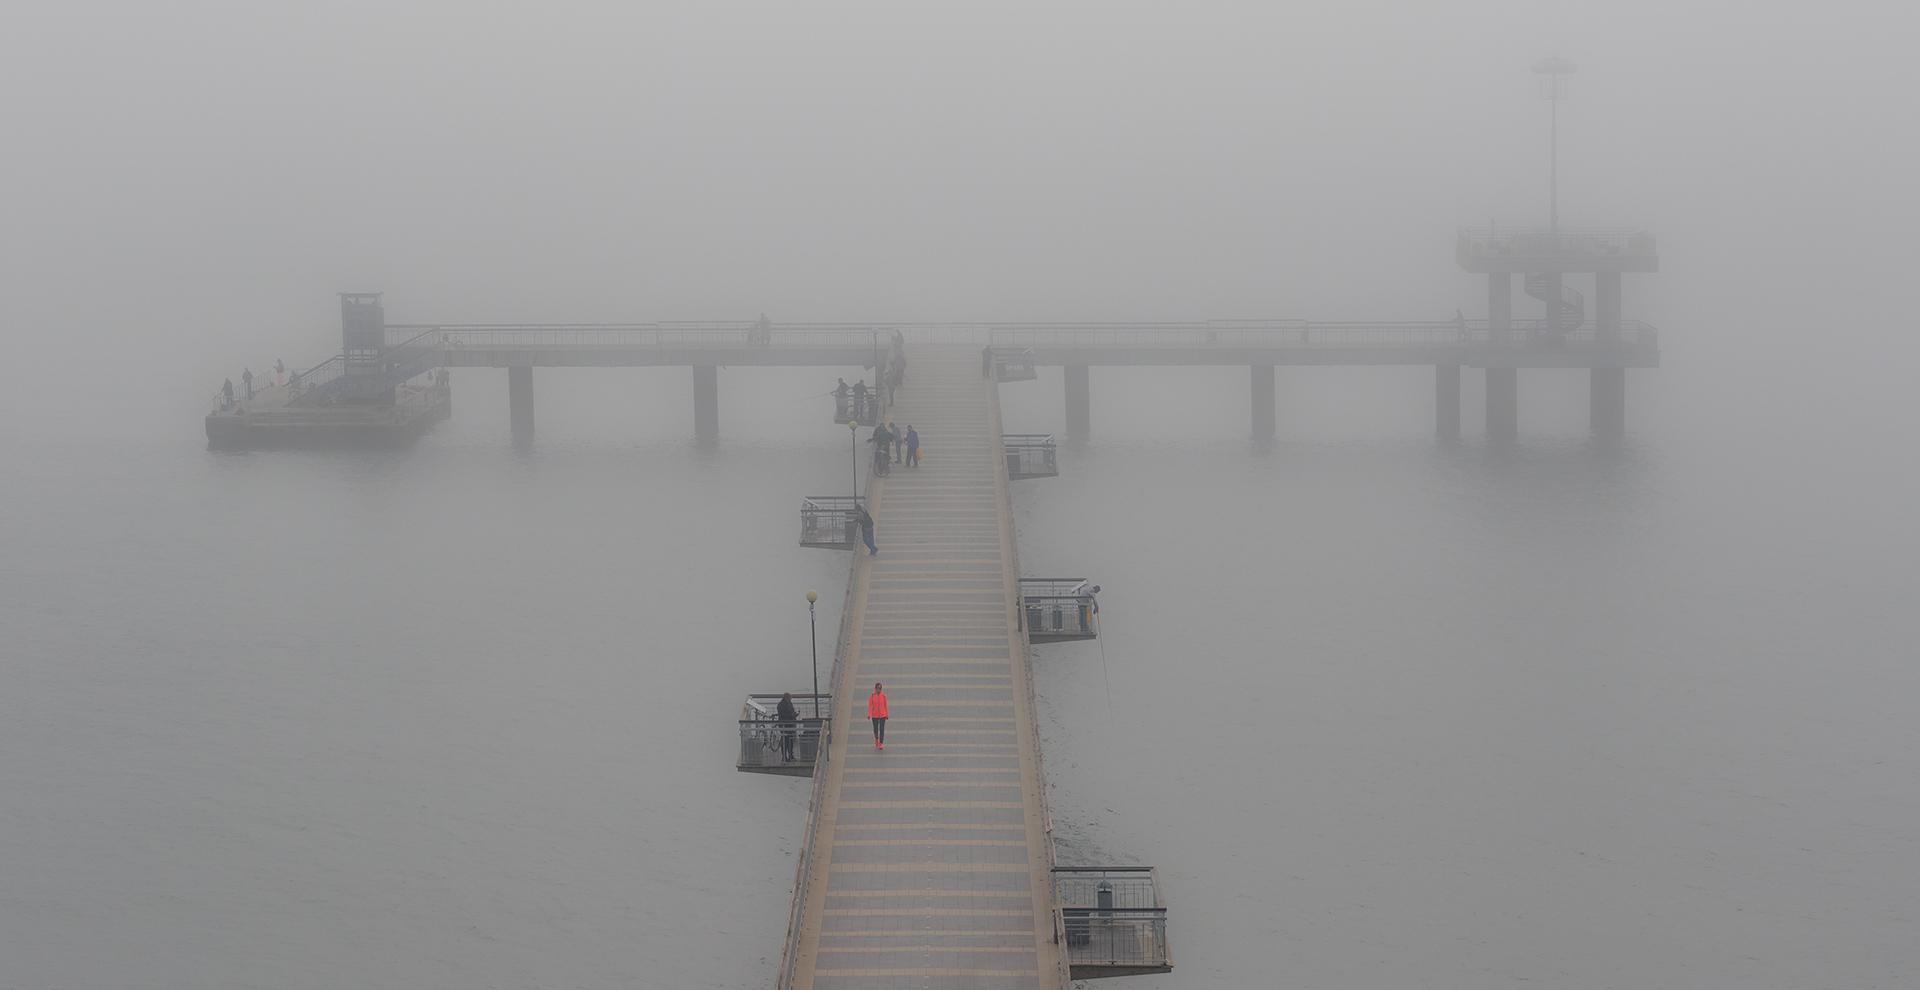 Мъгливо | Author Zhecho Planinski - scaramouche | PHOTO FORUM